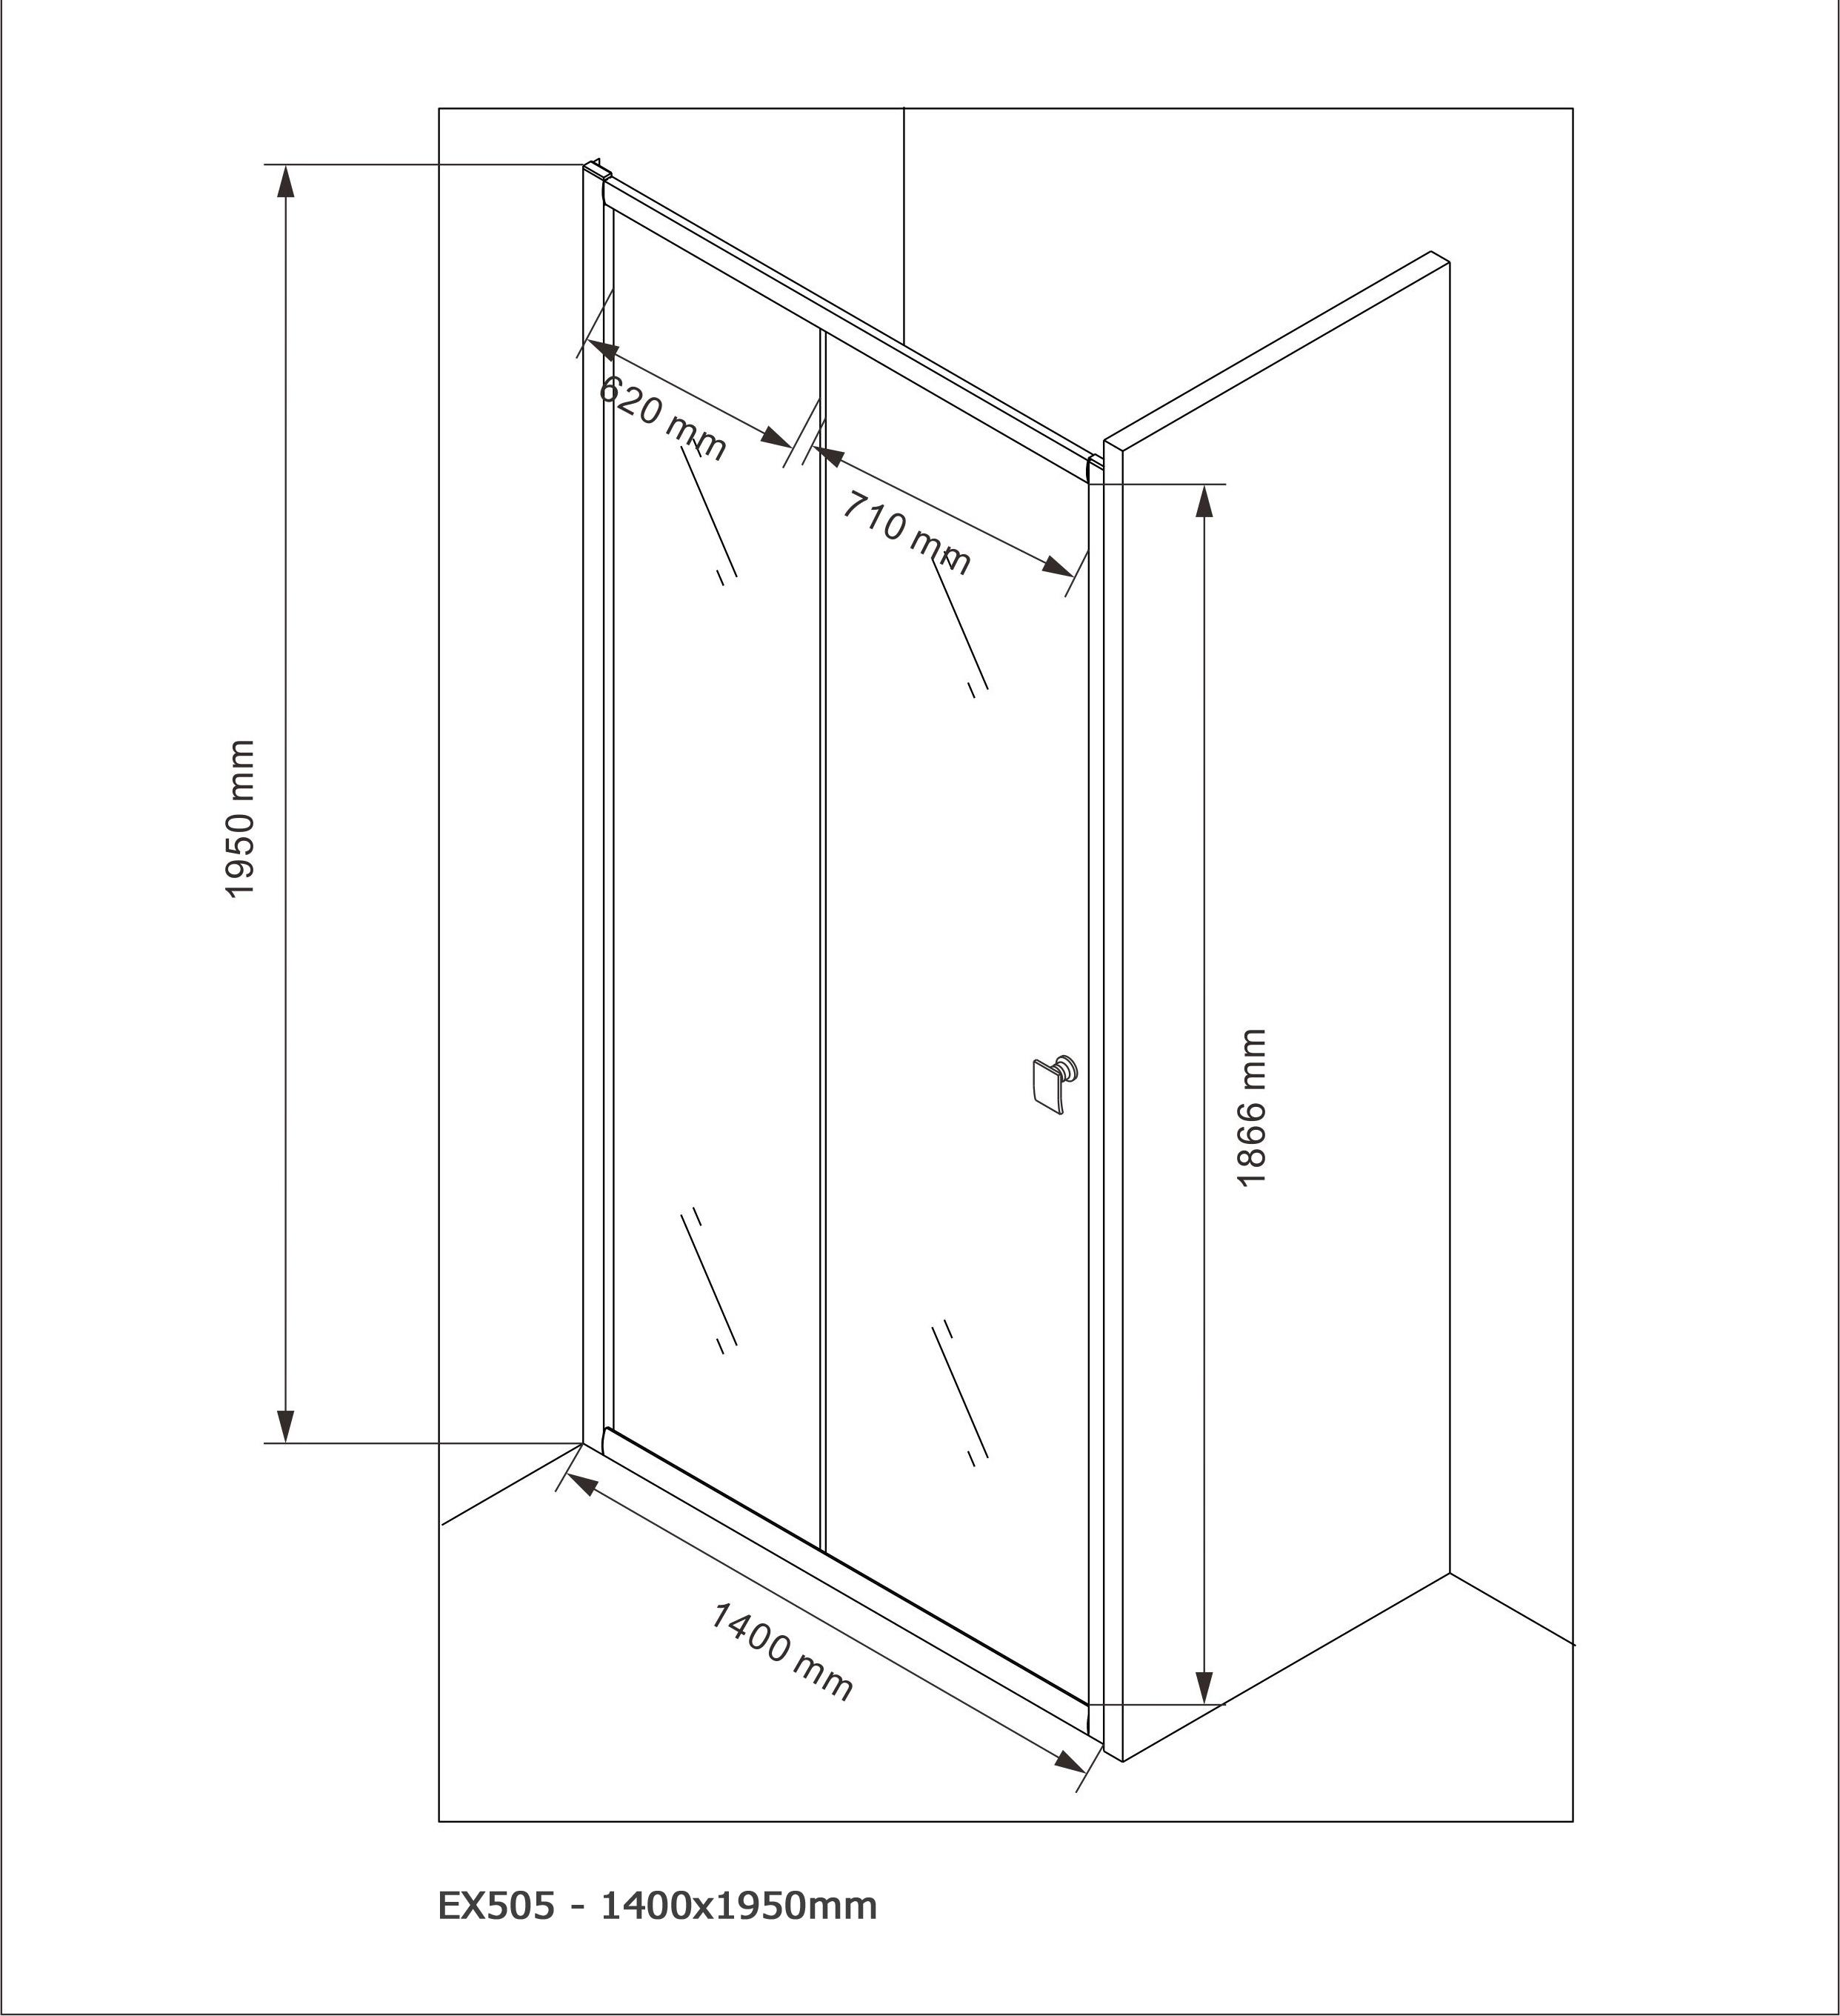 Door shower panel EX505 - 140x195cm - Drawing